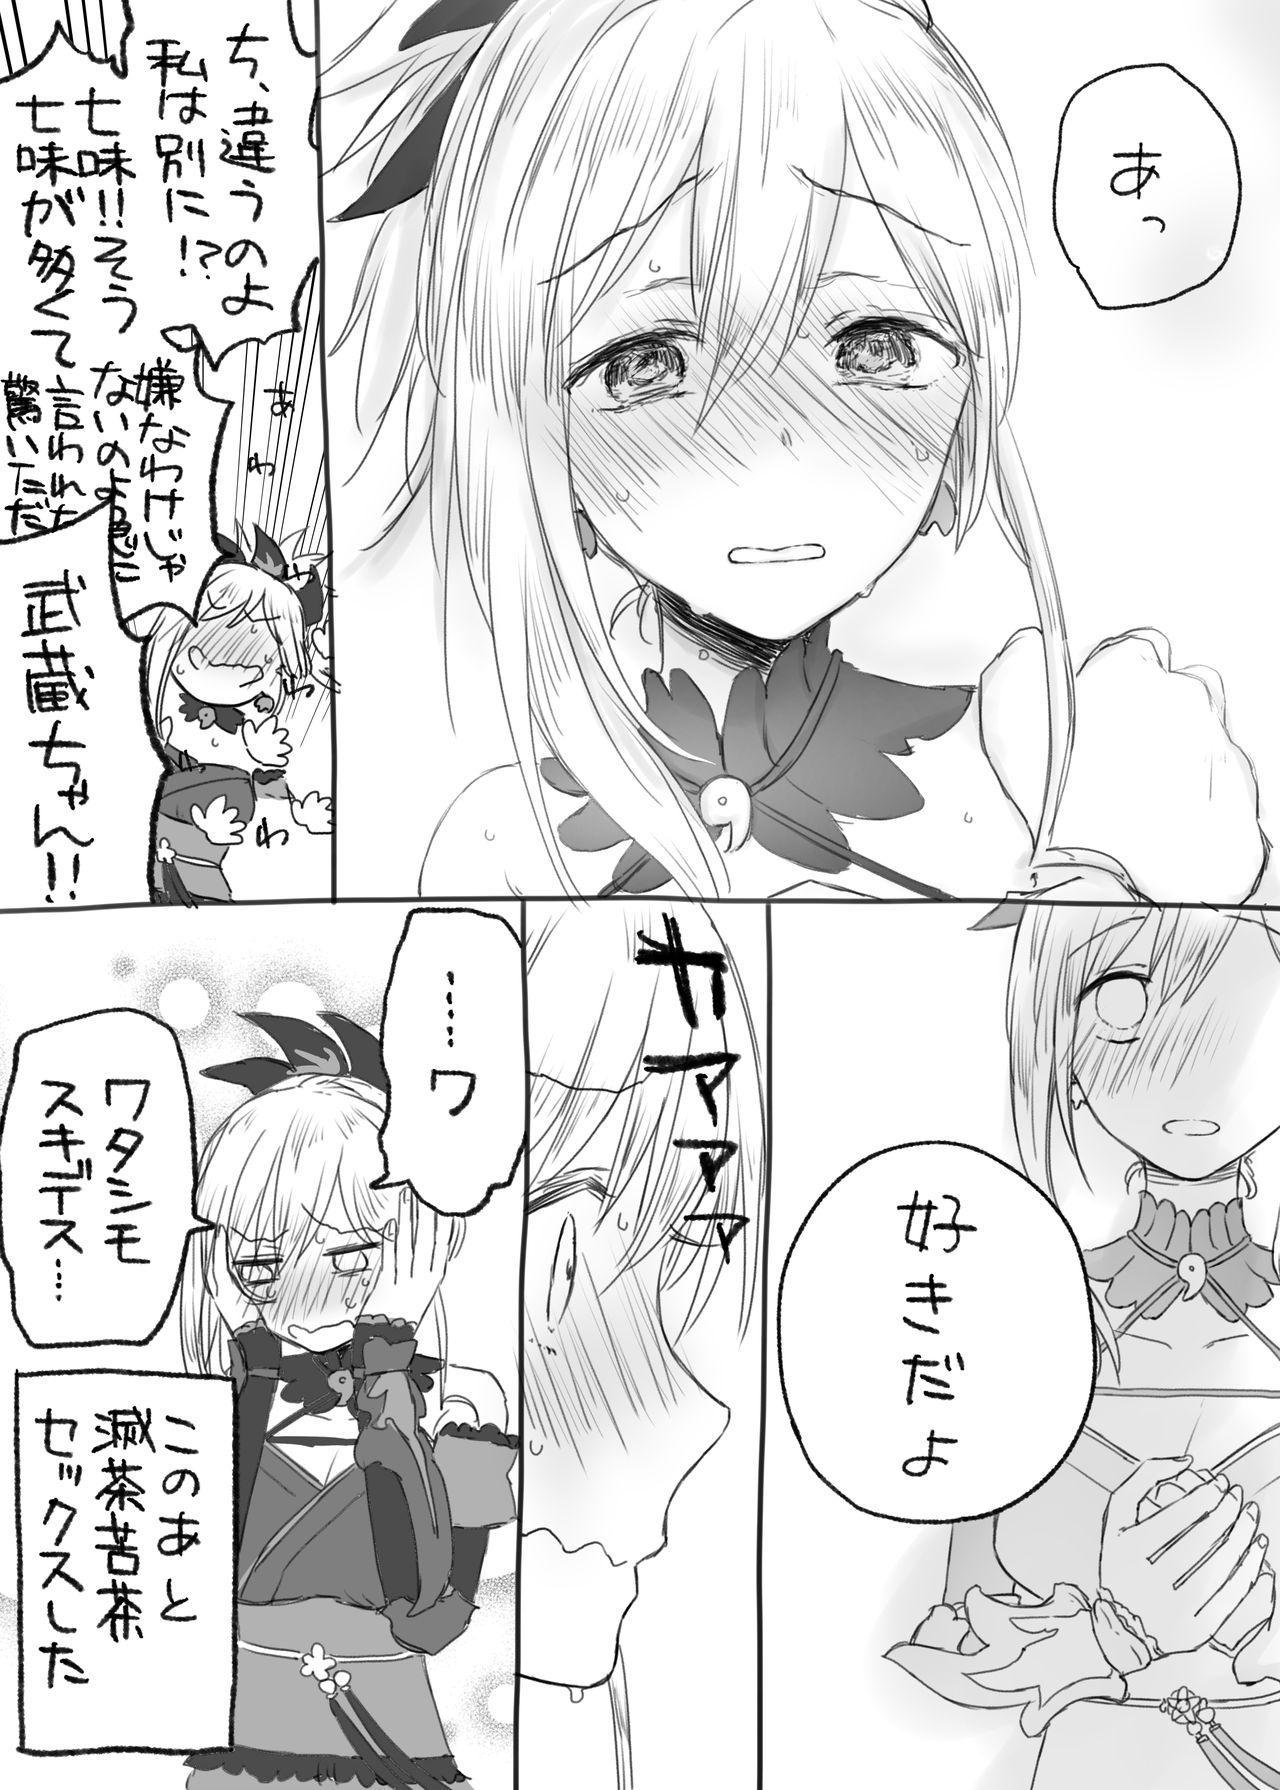 Uchi no Servant ni Haramasex shitaitte Itte mita 59